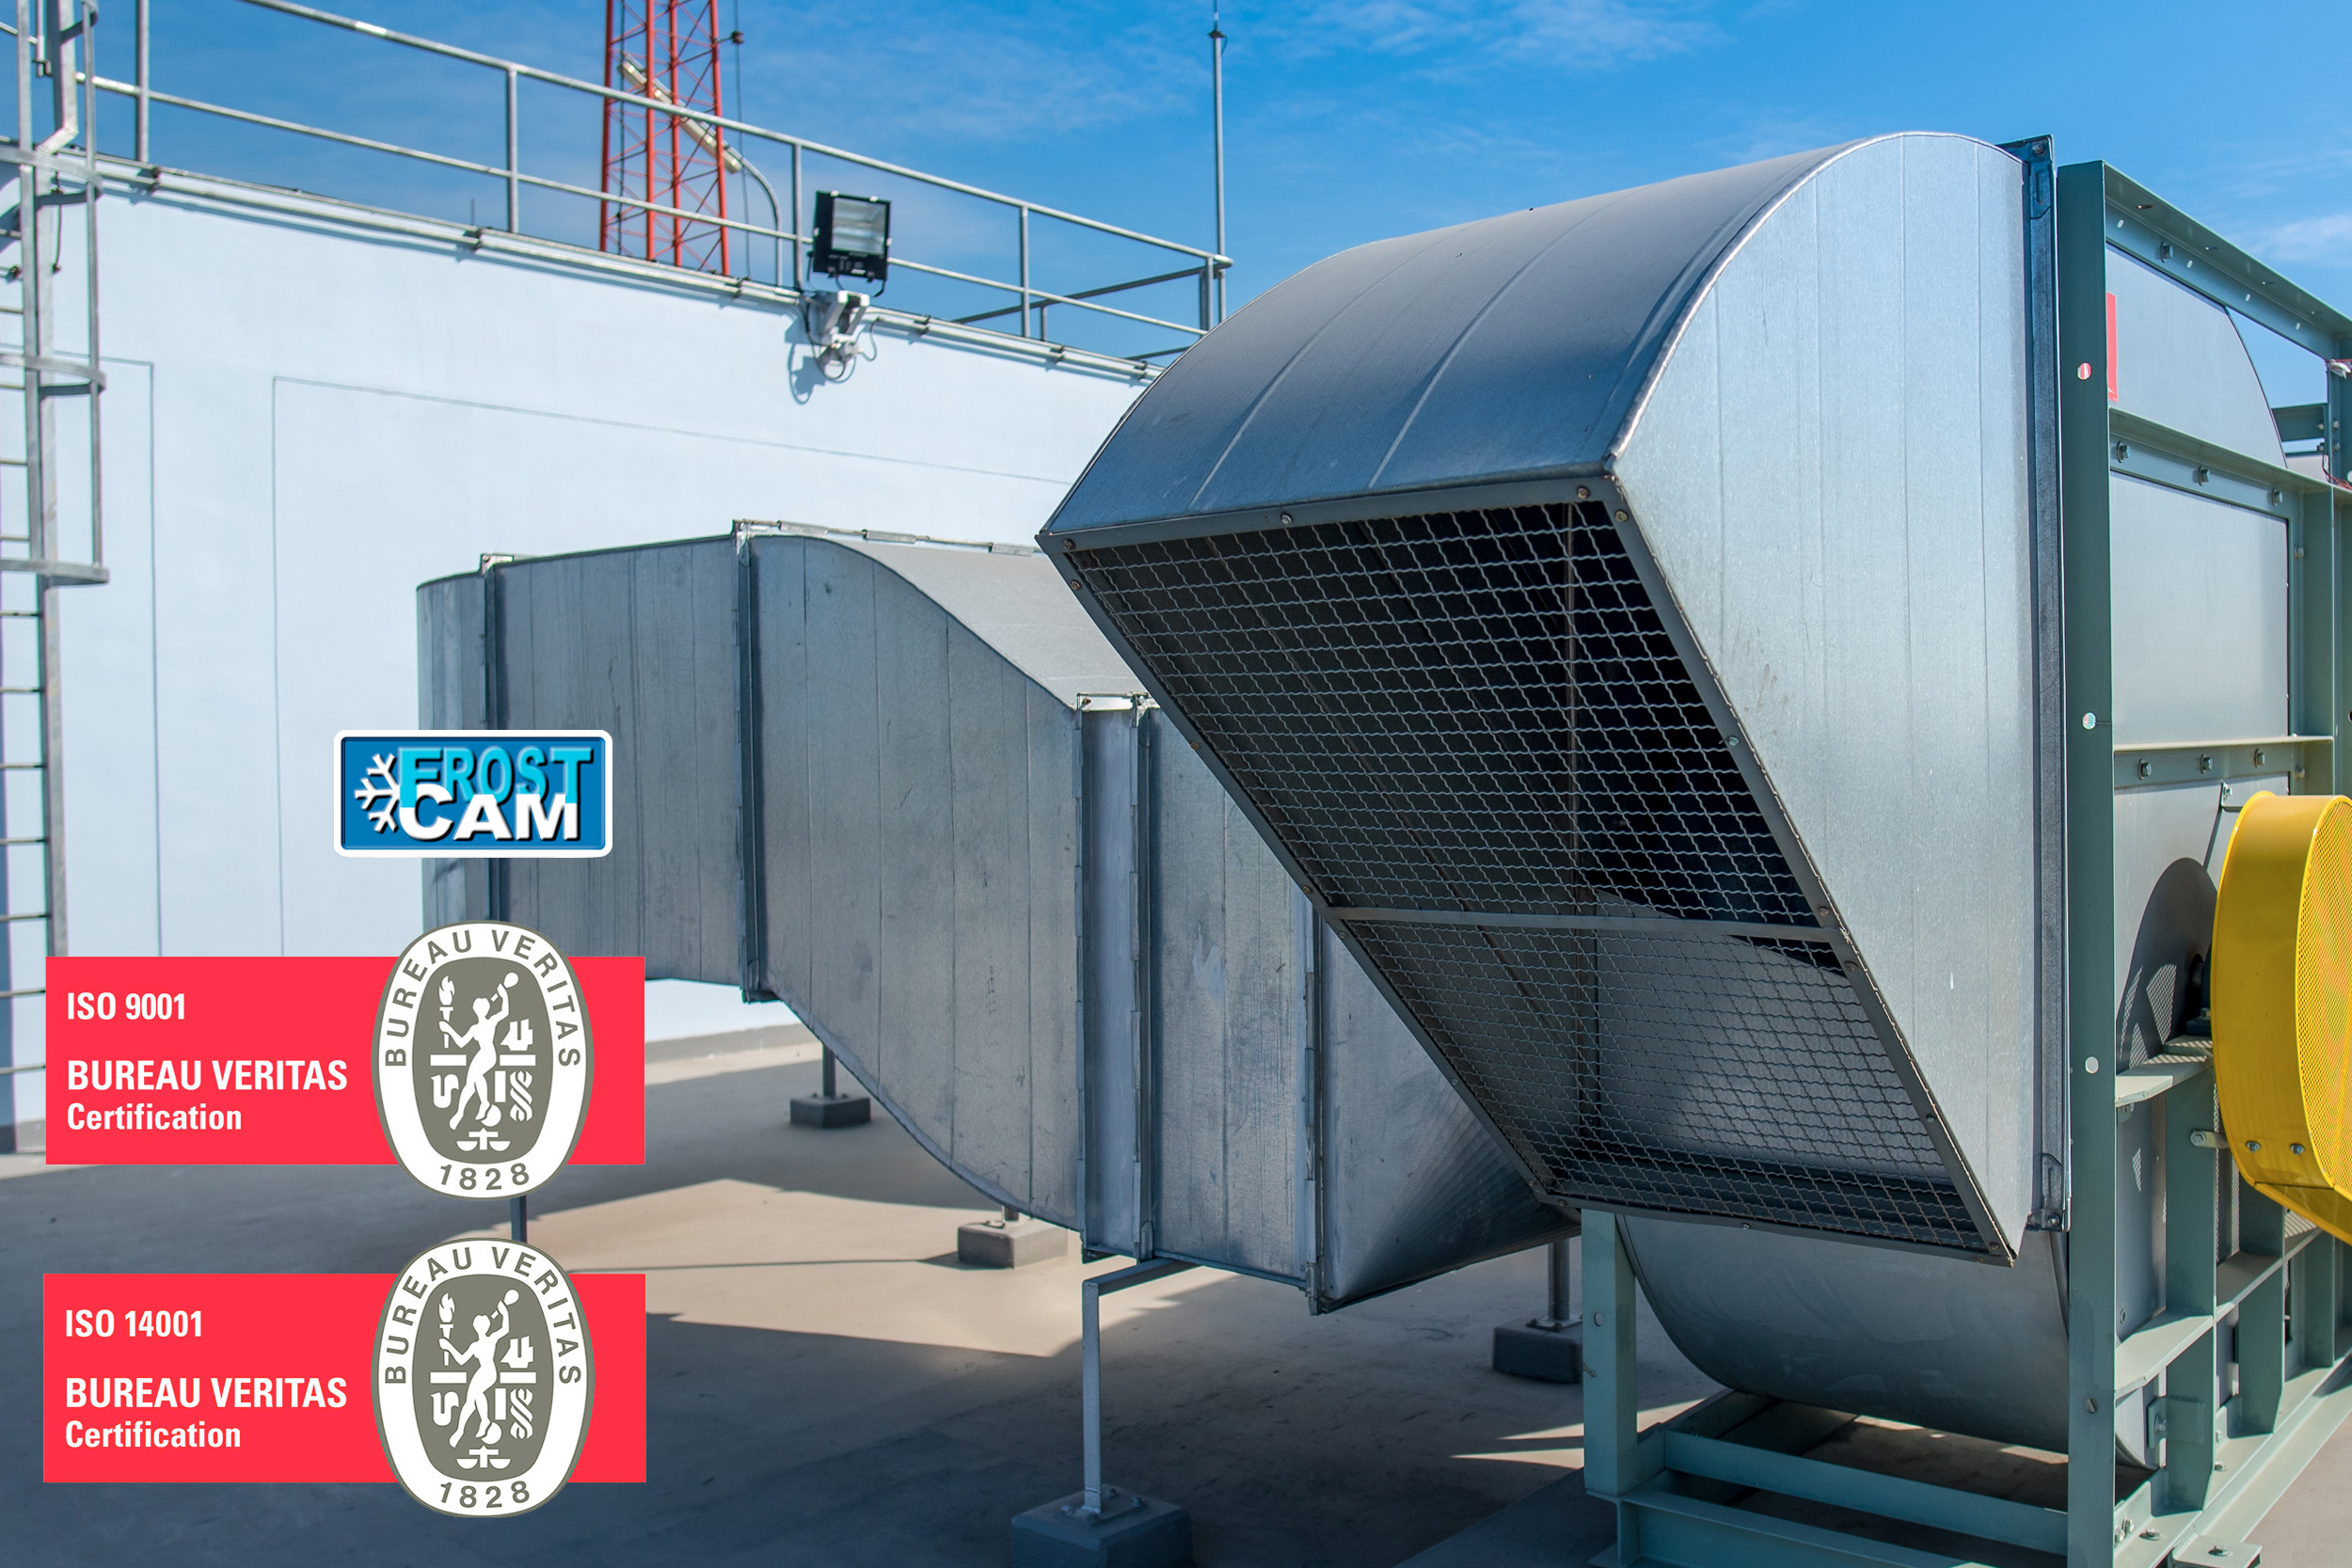 Frostcam empresa certificado ISO 9001 y 14001